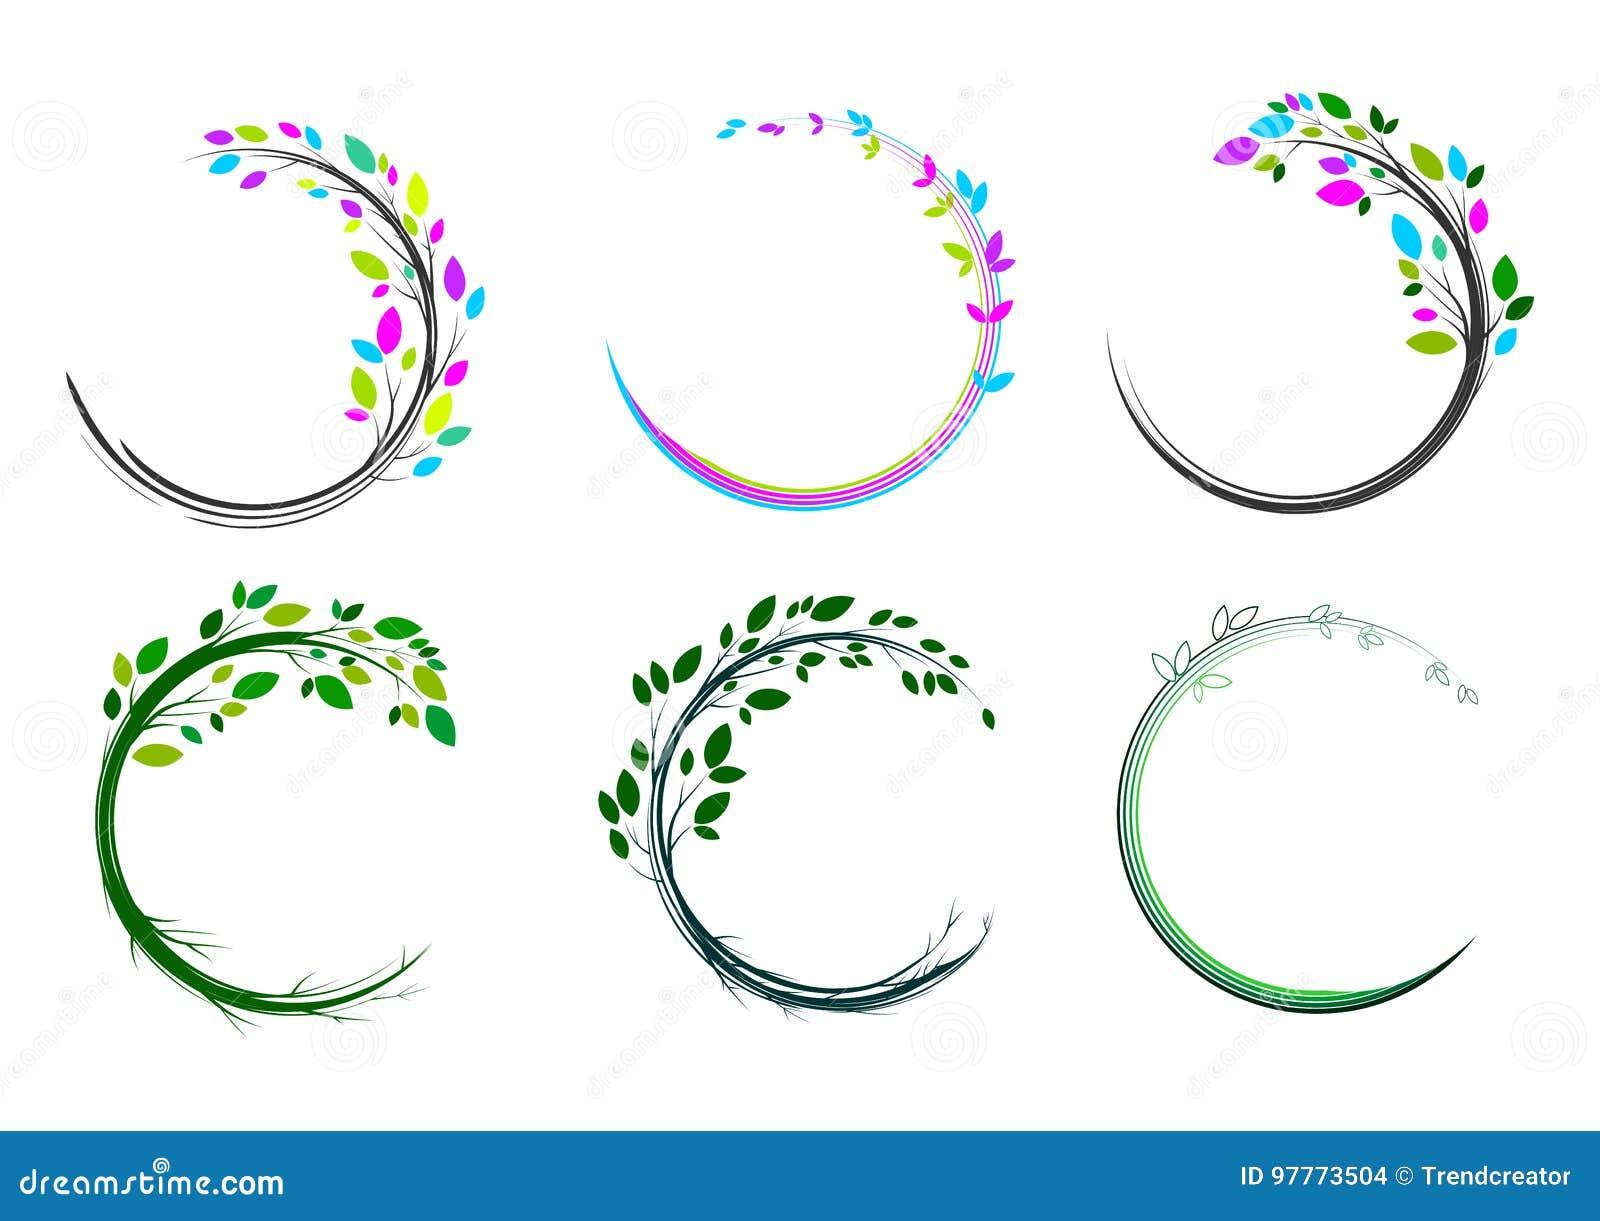 Bladcirkellogo, brunnsort, massage, gräs, symbol, växt, utbildning, yoga, hälsa och naturbegreppsdesign